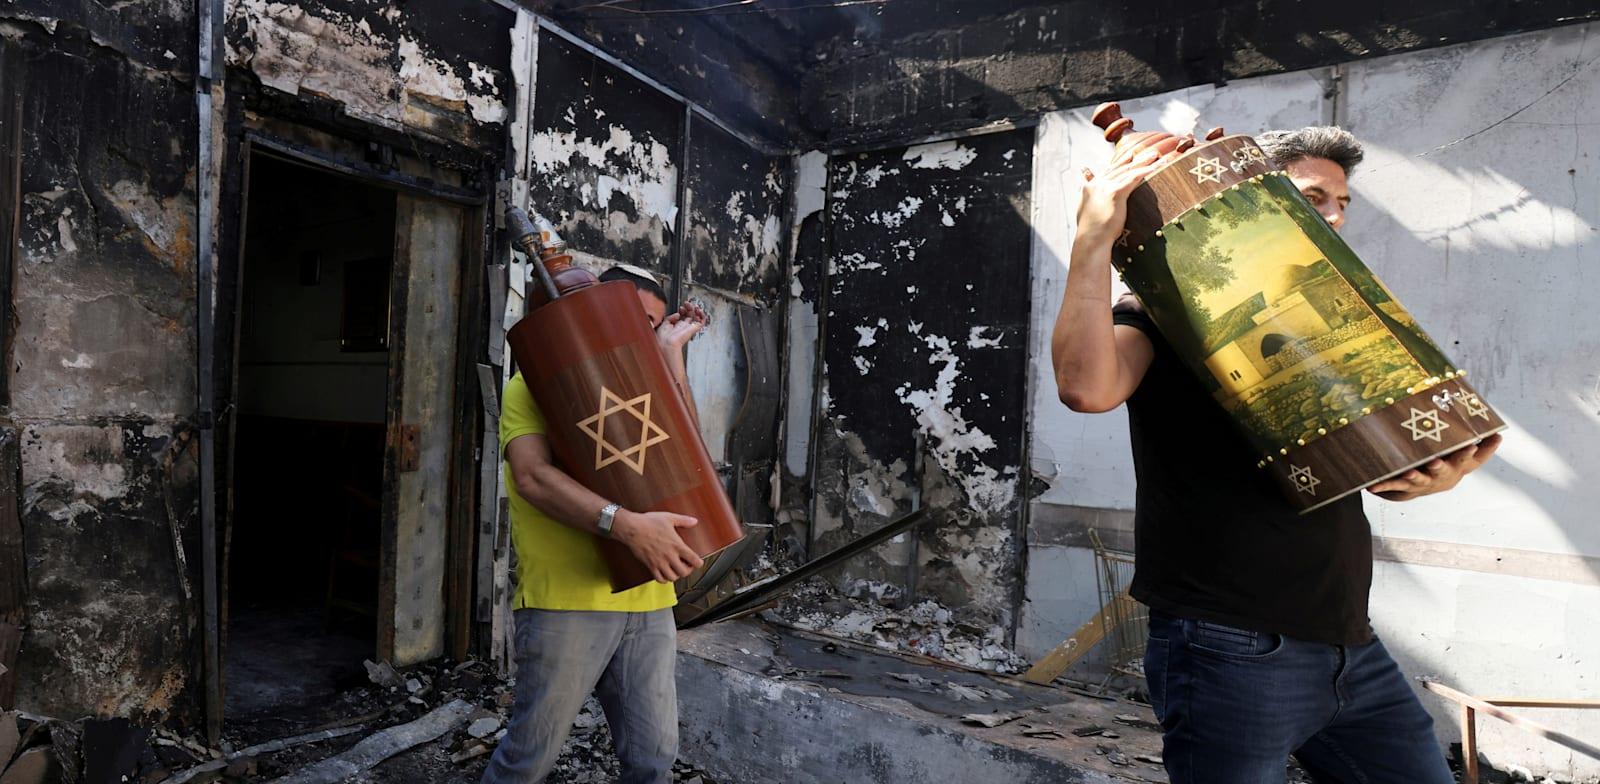 ספרי תורה מוצאים מתוך בית כנסת שנהרס בפרעות בלוד / צילום: Reuters, Ronen Zvulun